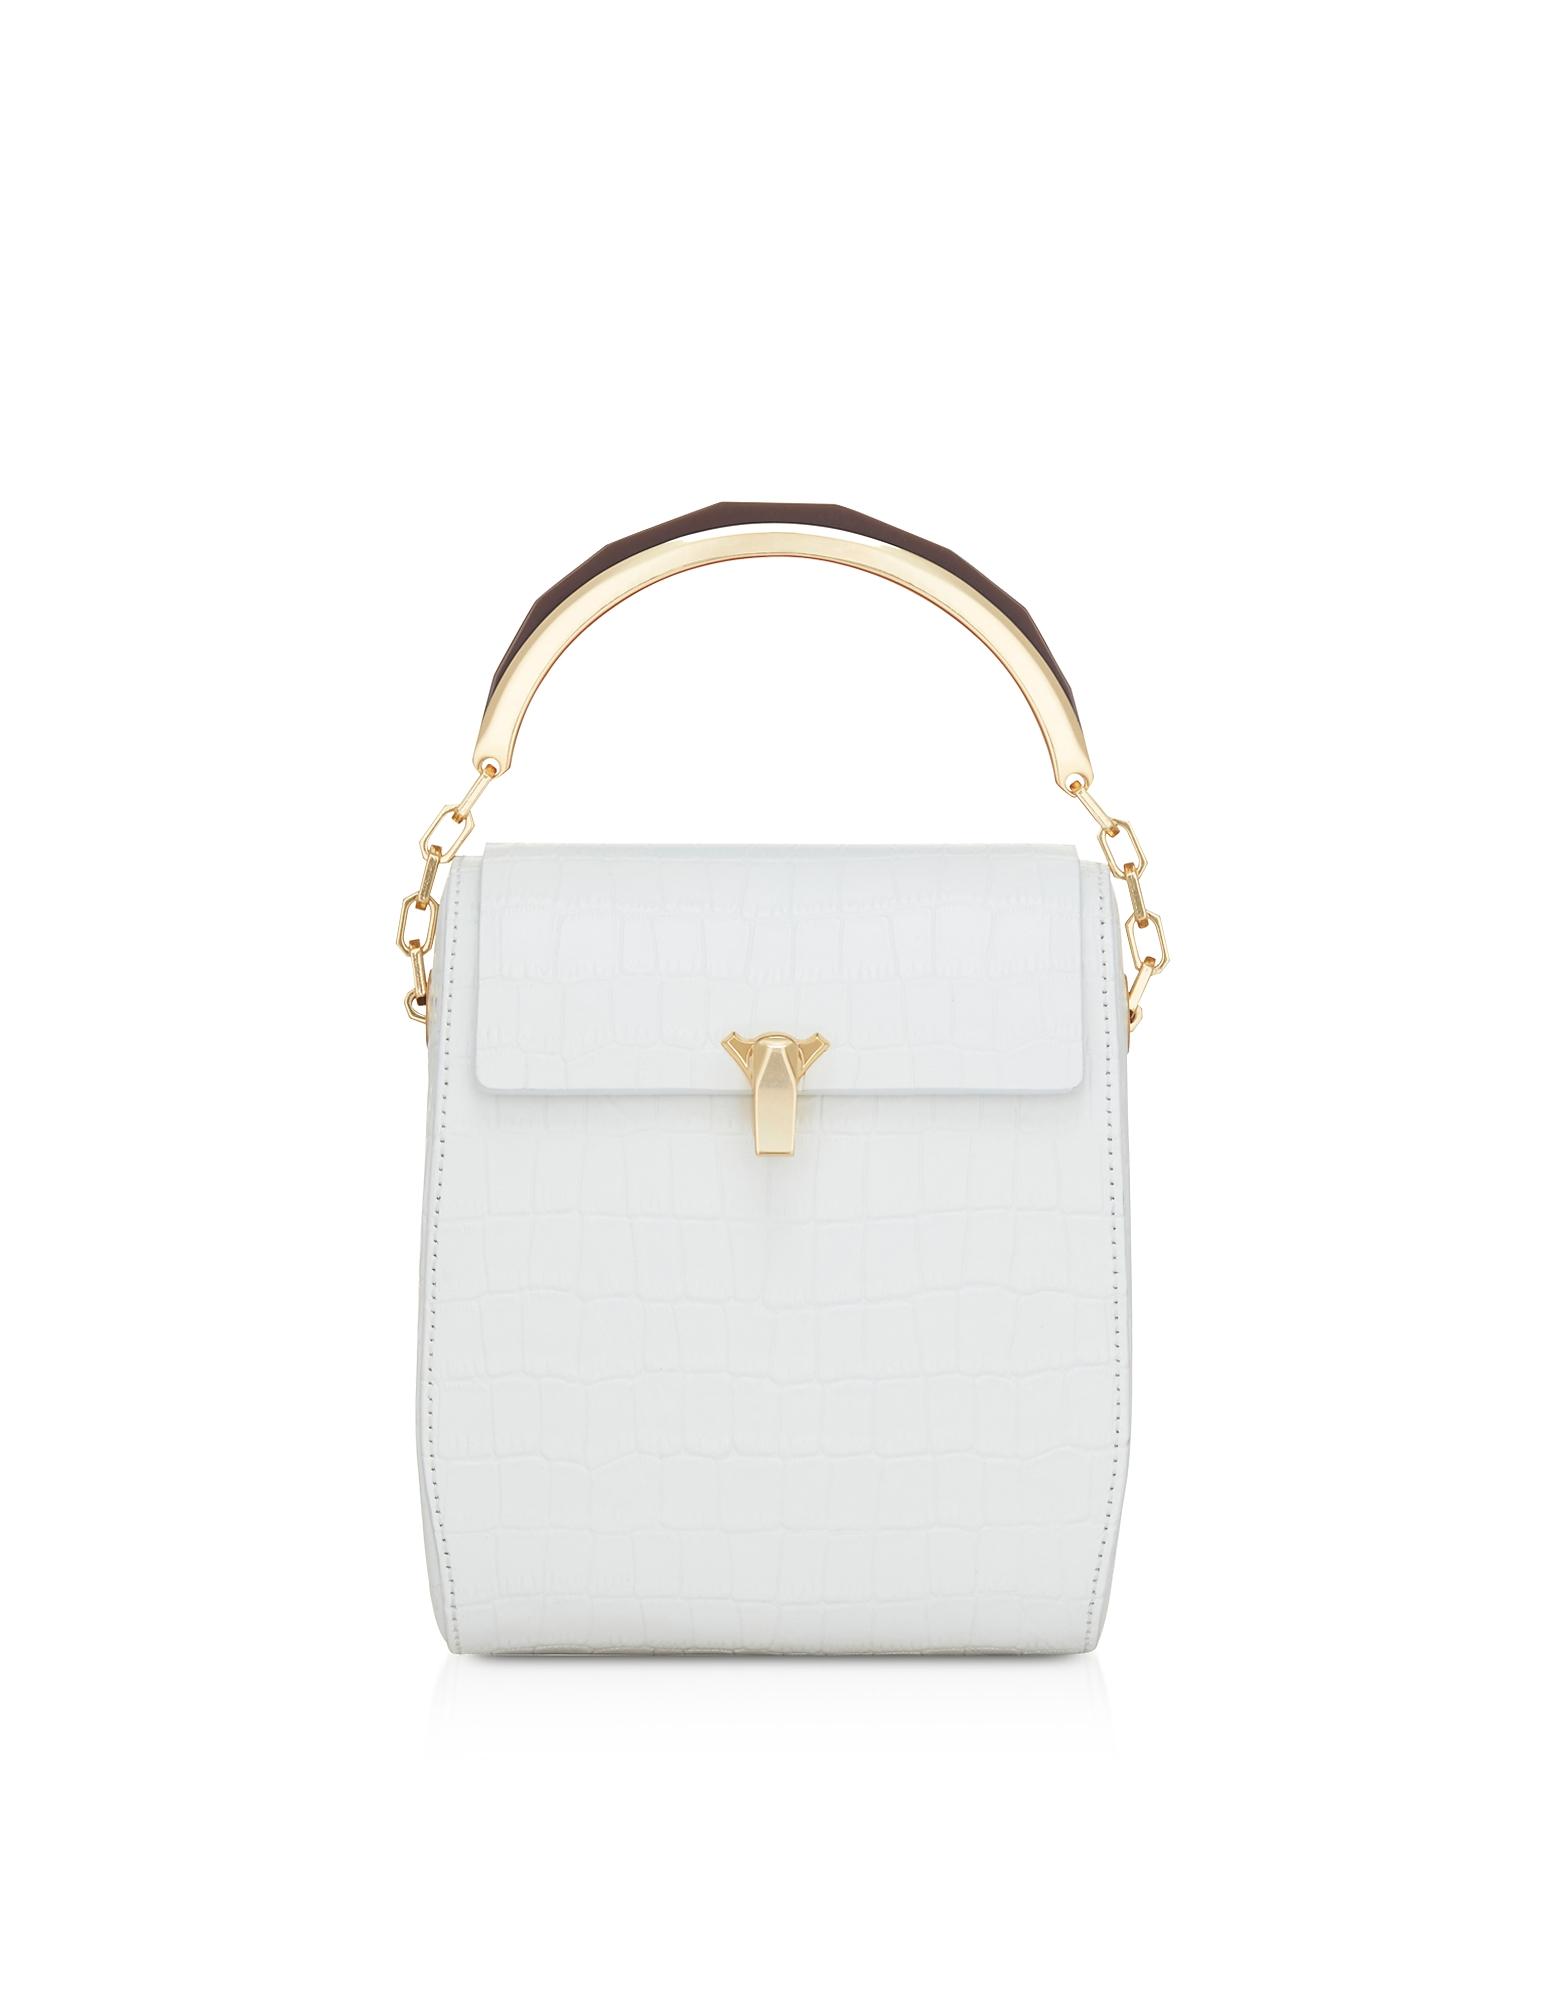 The Volon Designer Handbags, White Croco Po Leather Box Bag